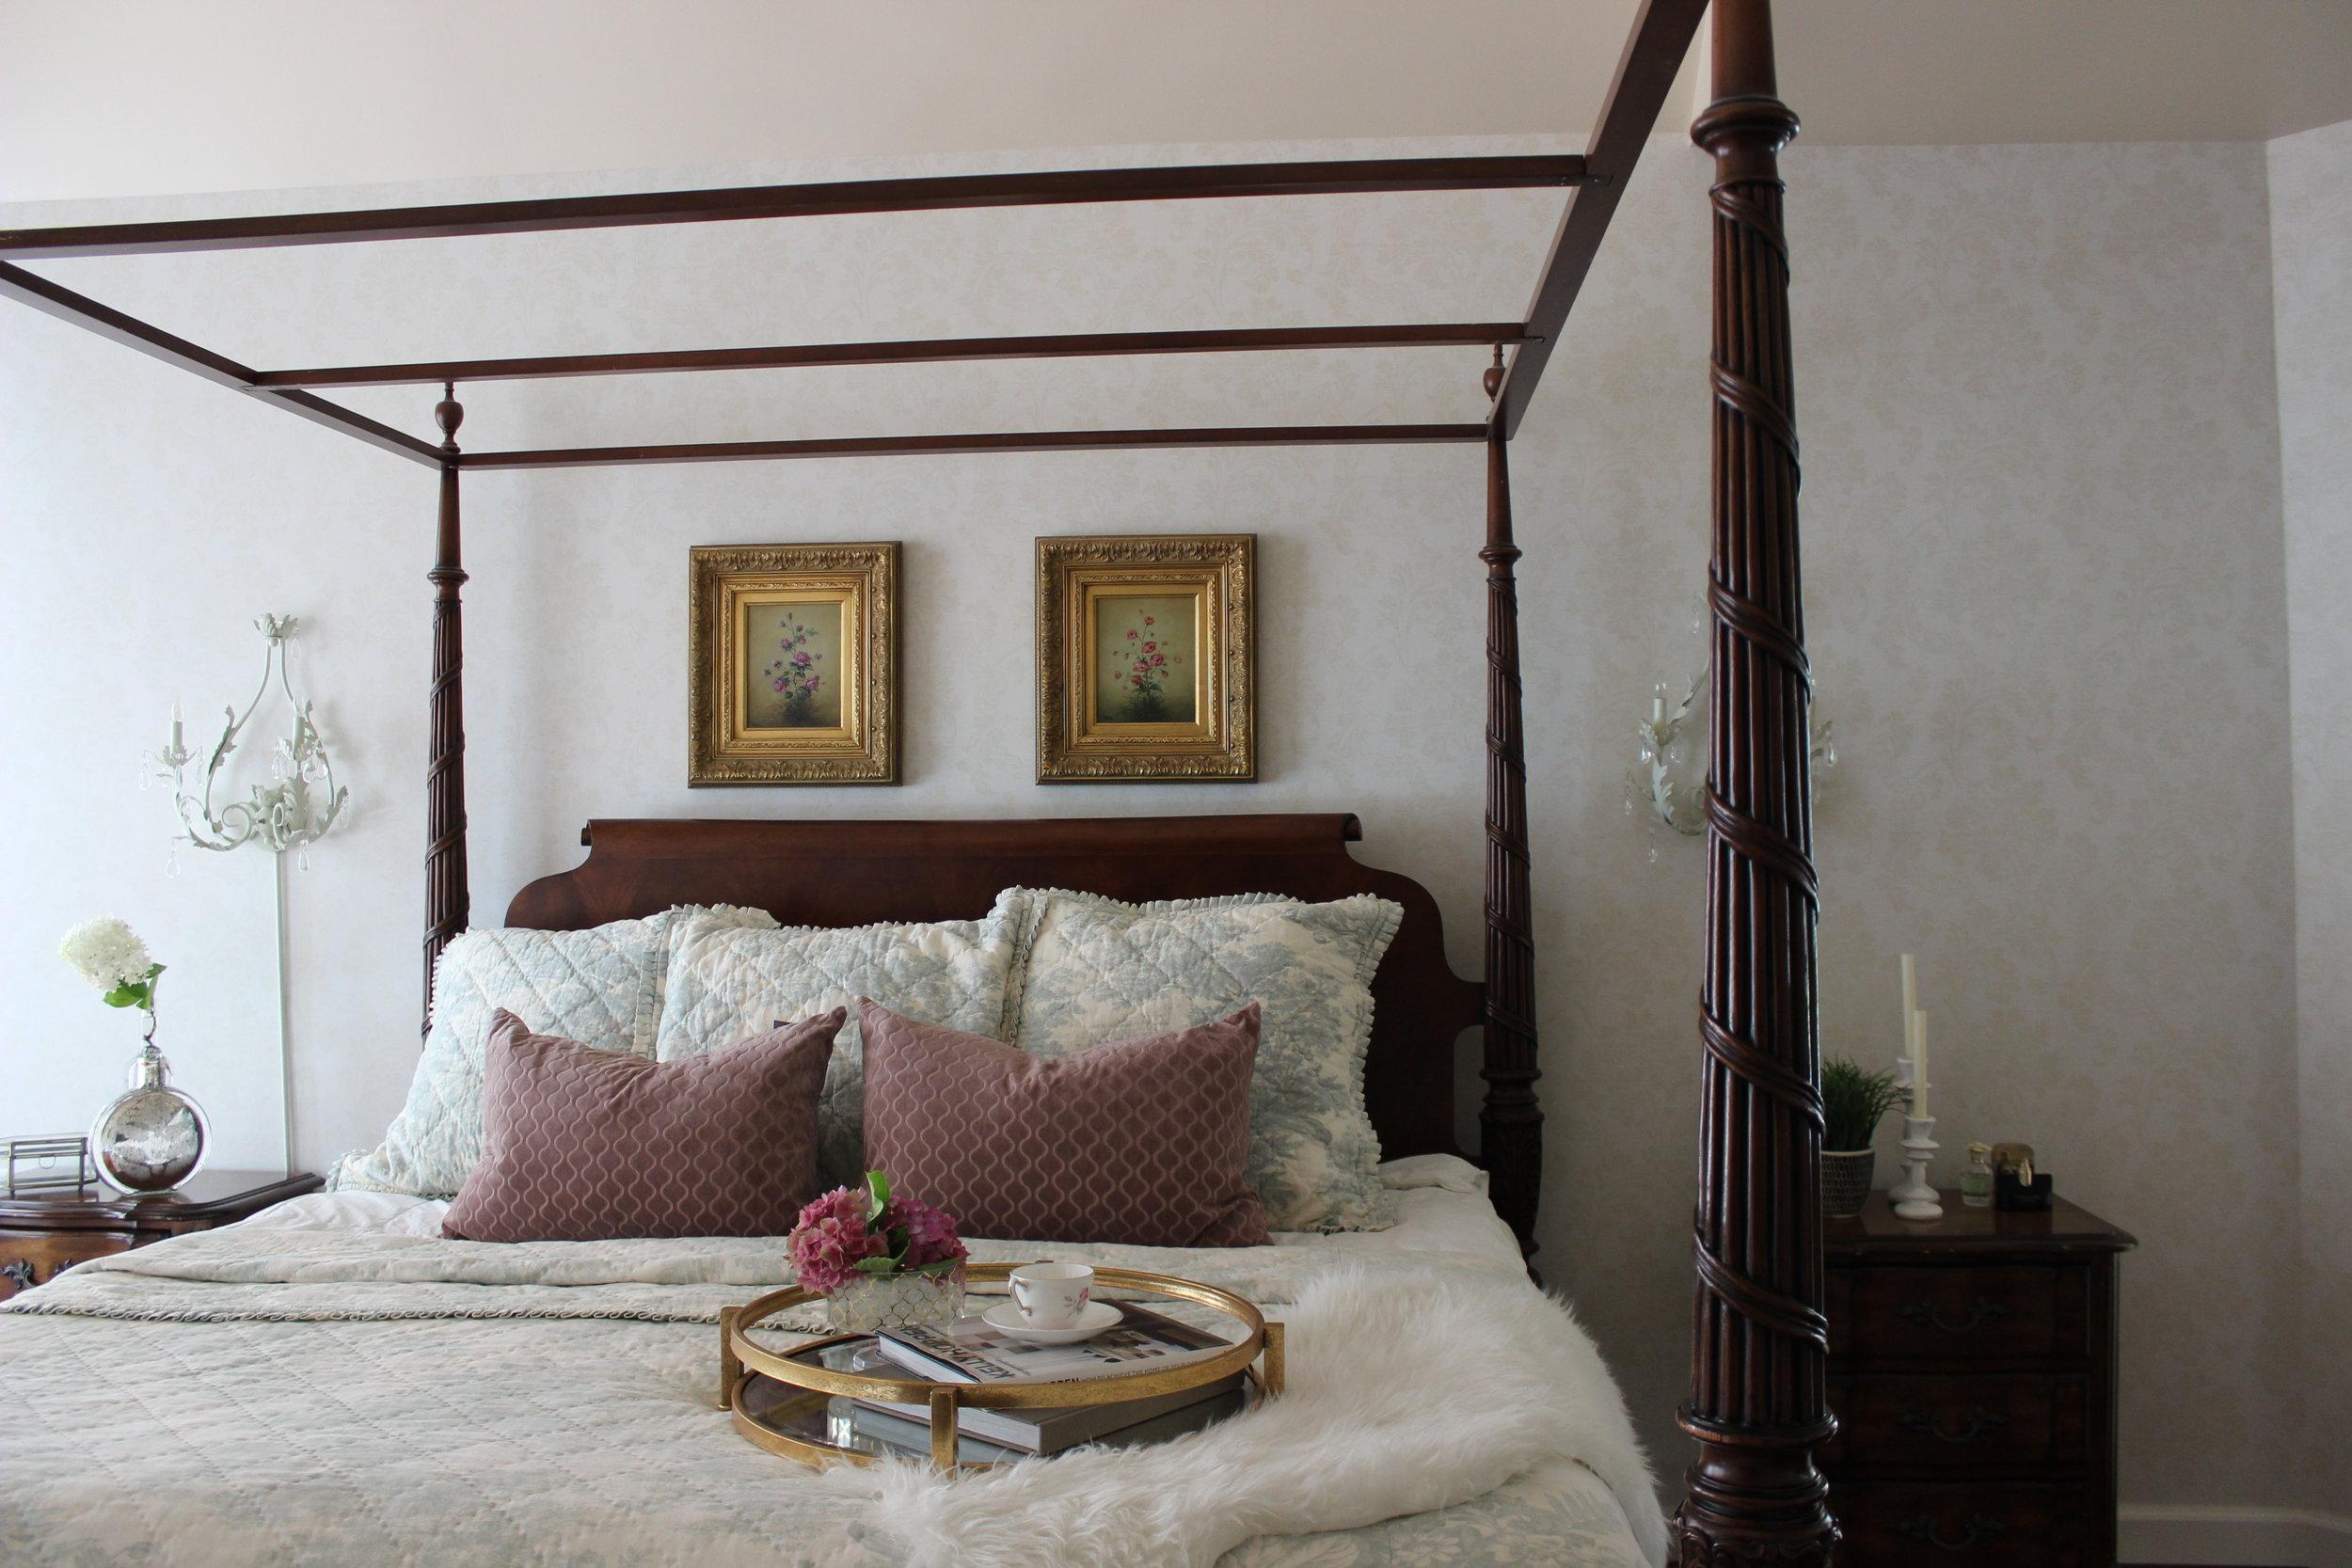 CLASSICAL BEDROOM - EDEN, NEW YORK